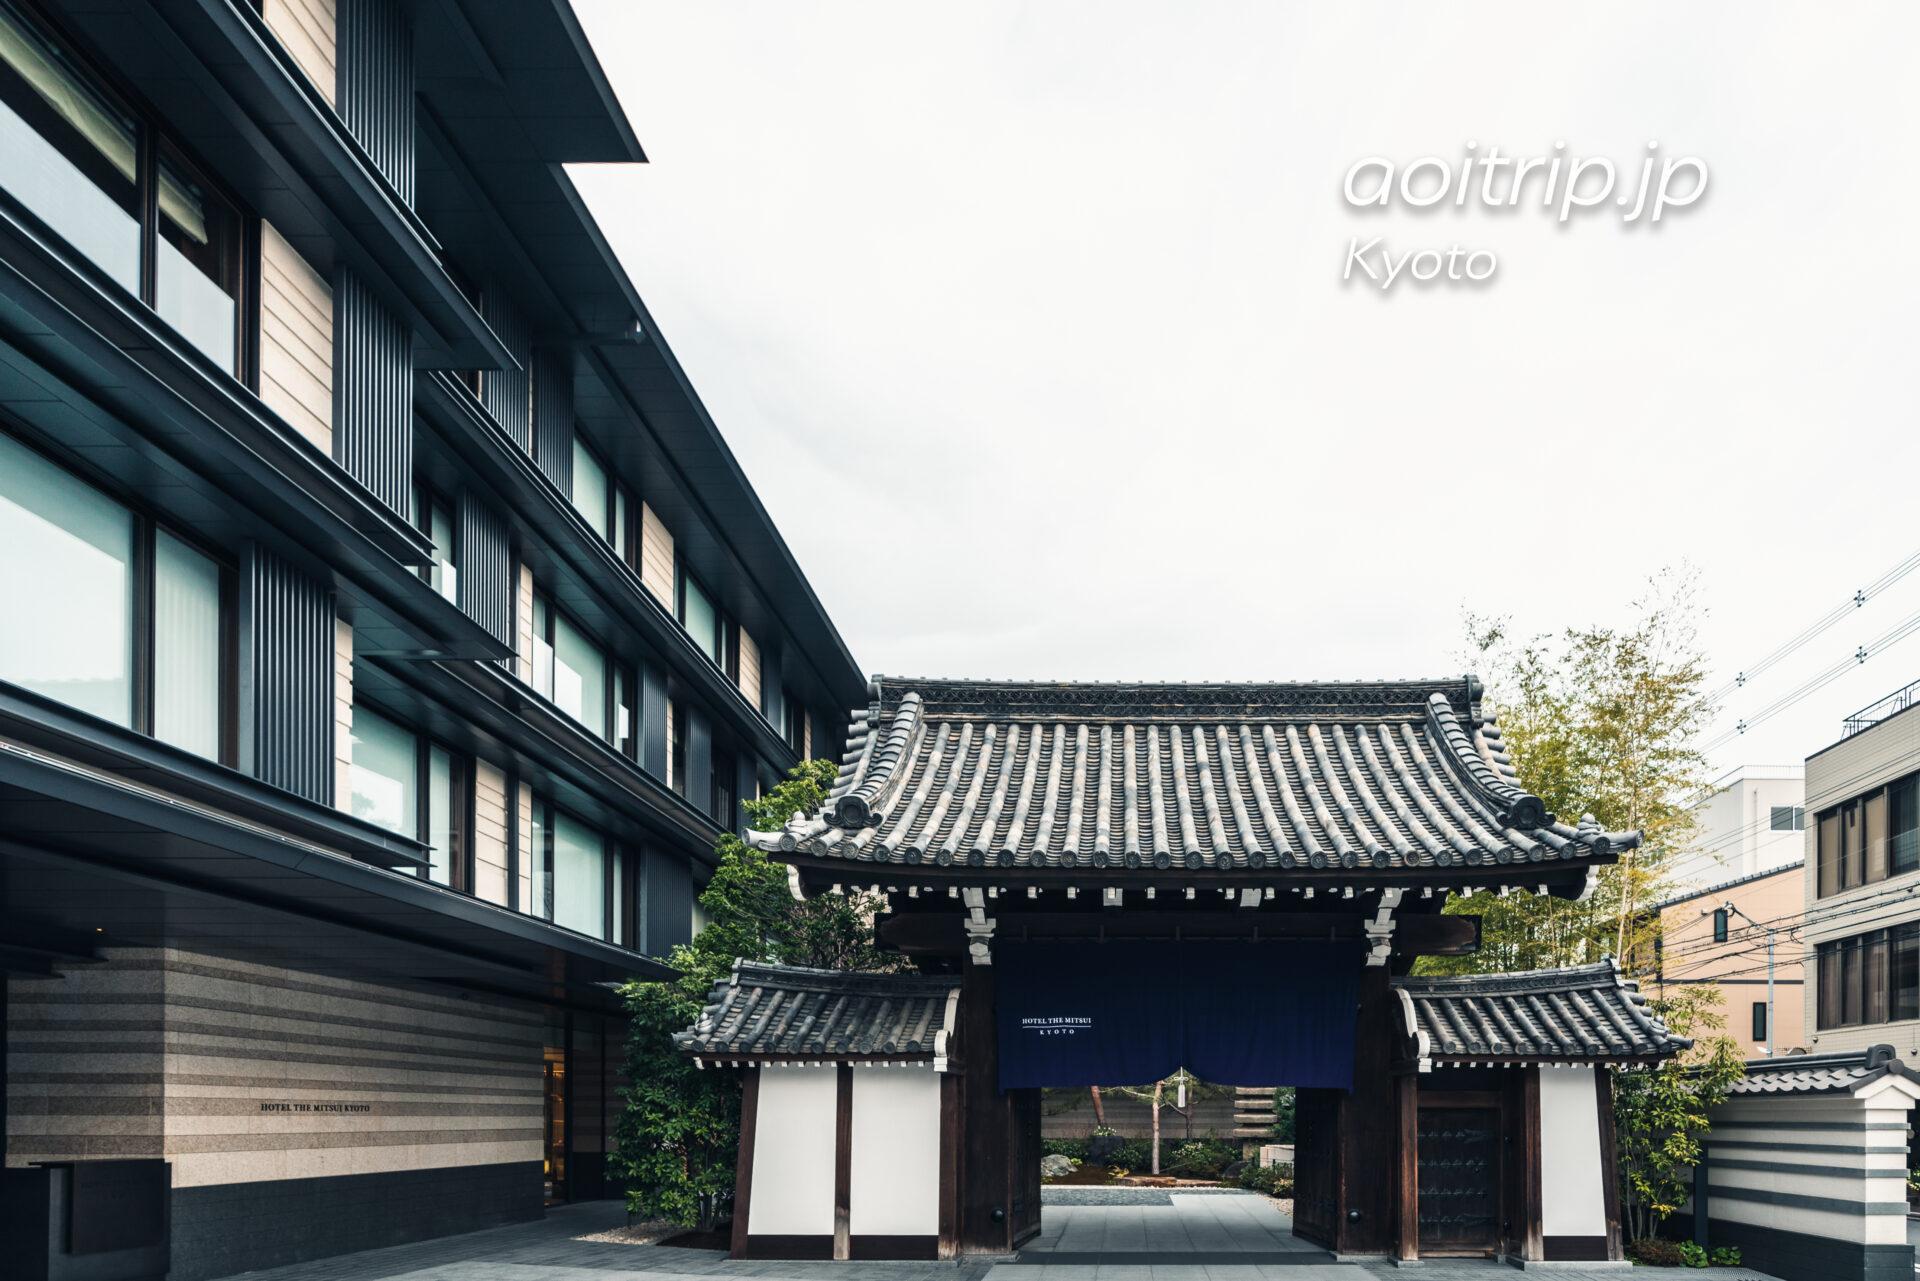 ホテル ザ ミツイ キョウト 宿泊記|HOTEL THE MITSUI KYOTO